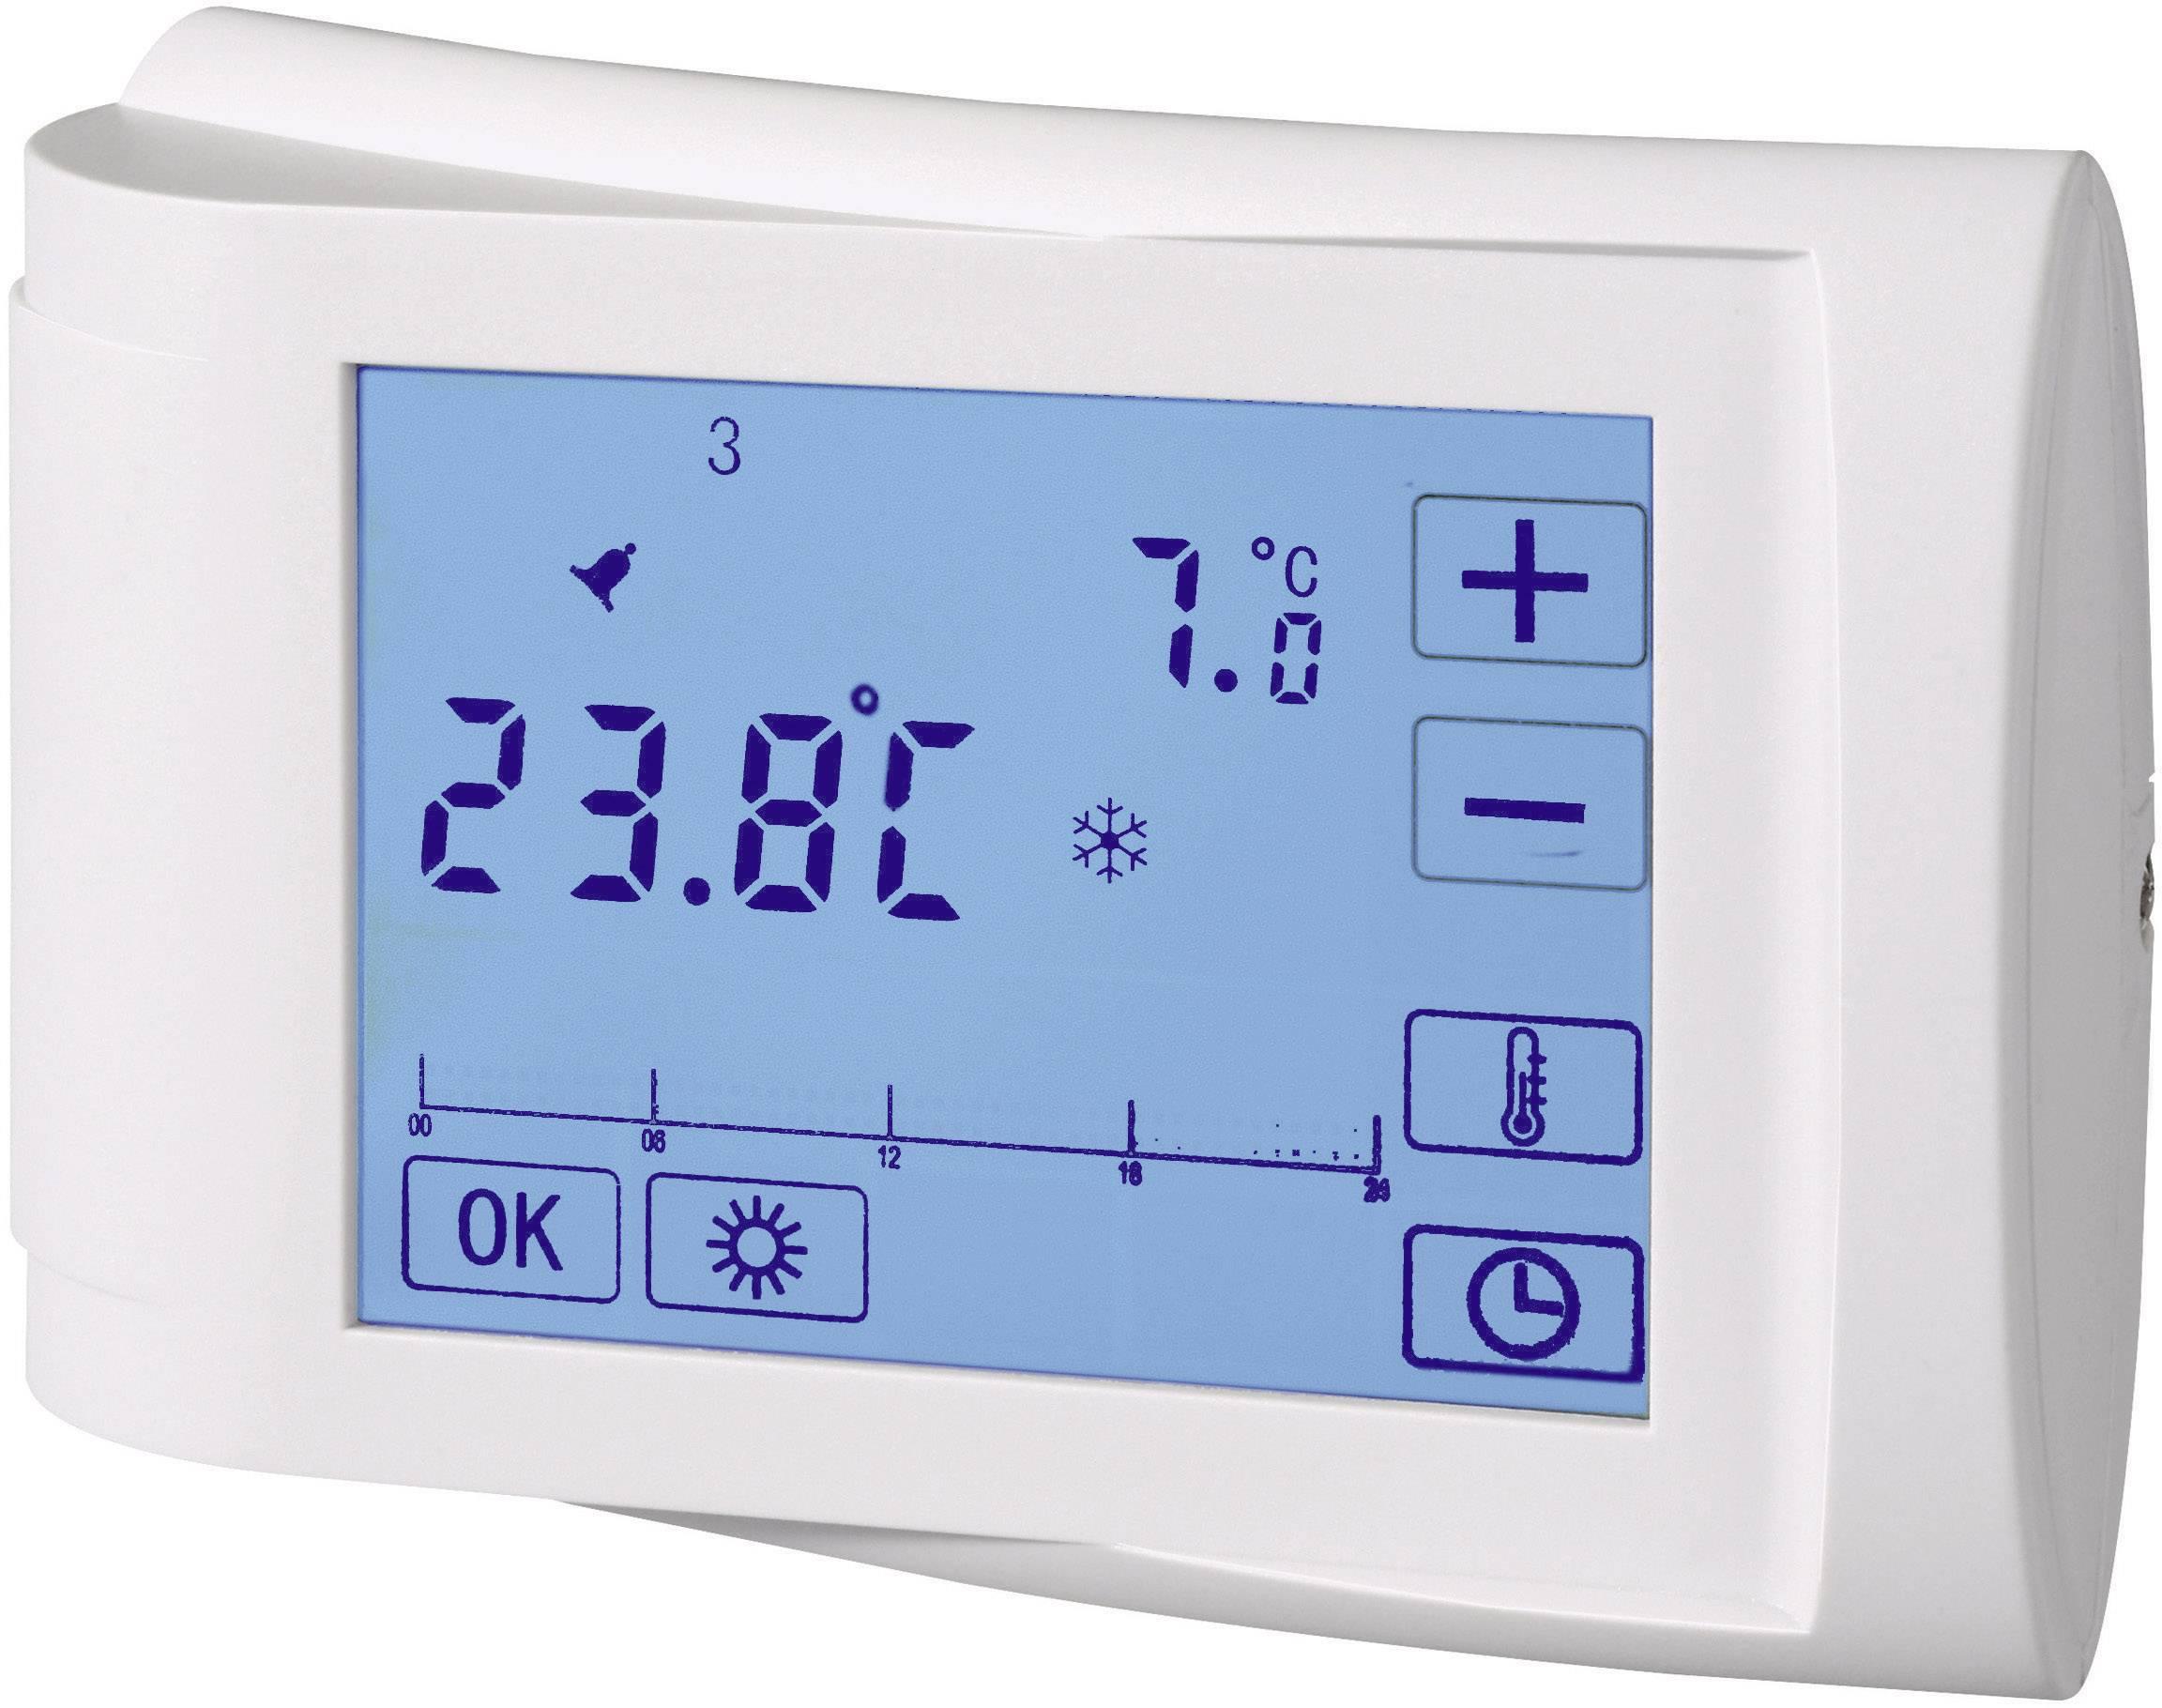 Izbový termostat s týždenným programom s LCD, 5 až 35 °C, biely